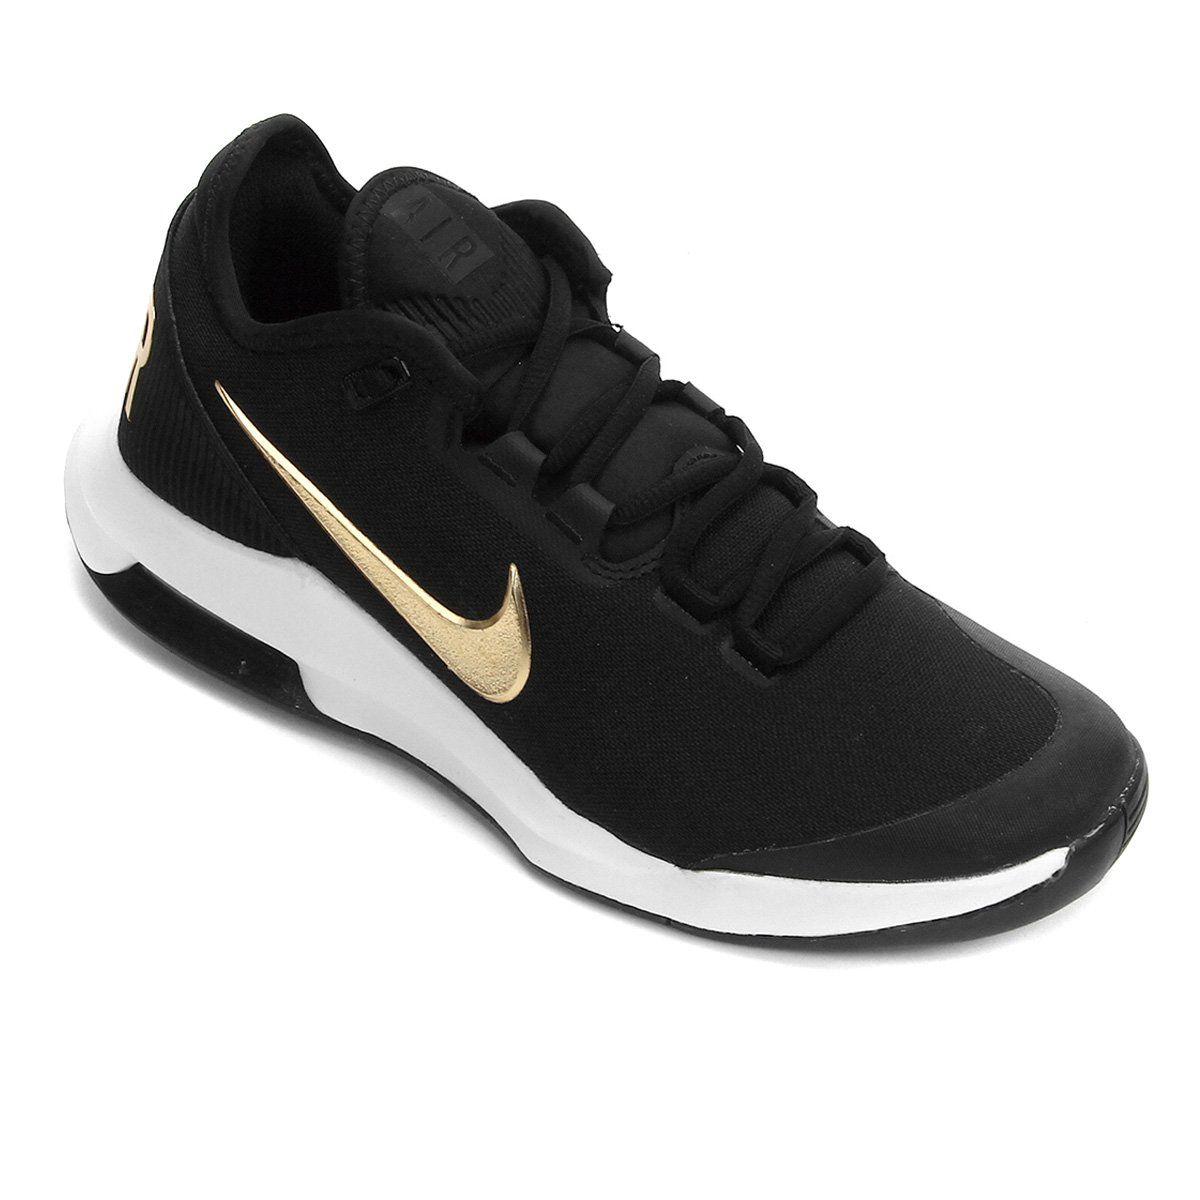 Tênis Nike Air Max Wildcard HC Masculino - Preto e Dourado  - REAL ESPORTE